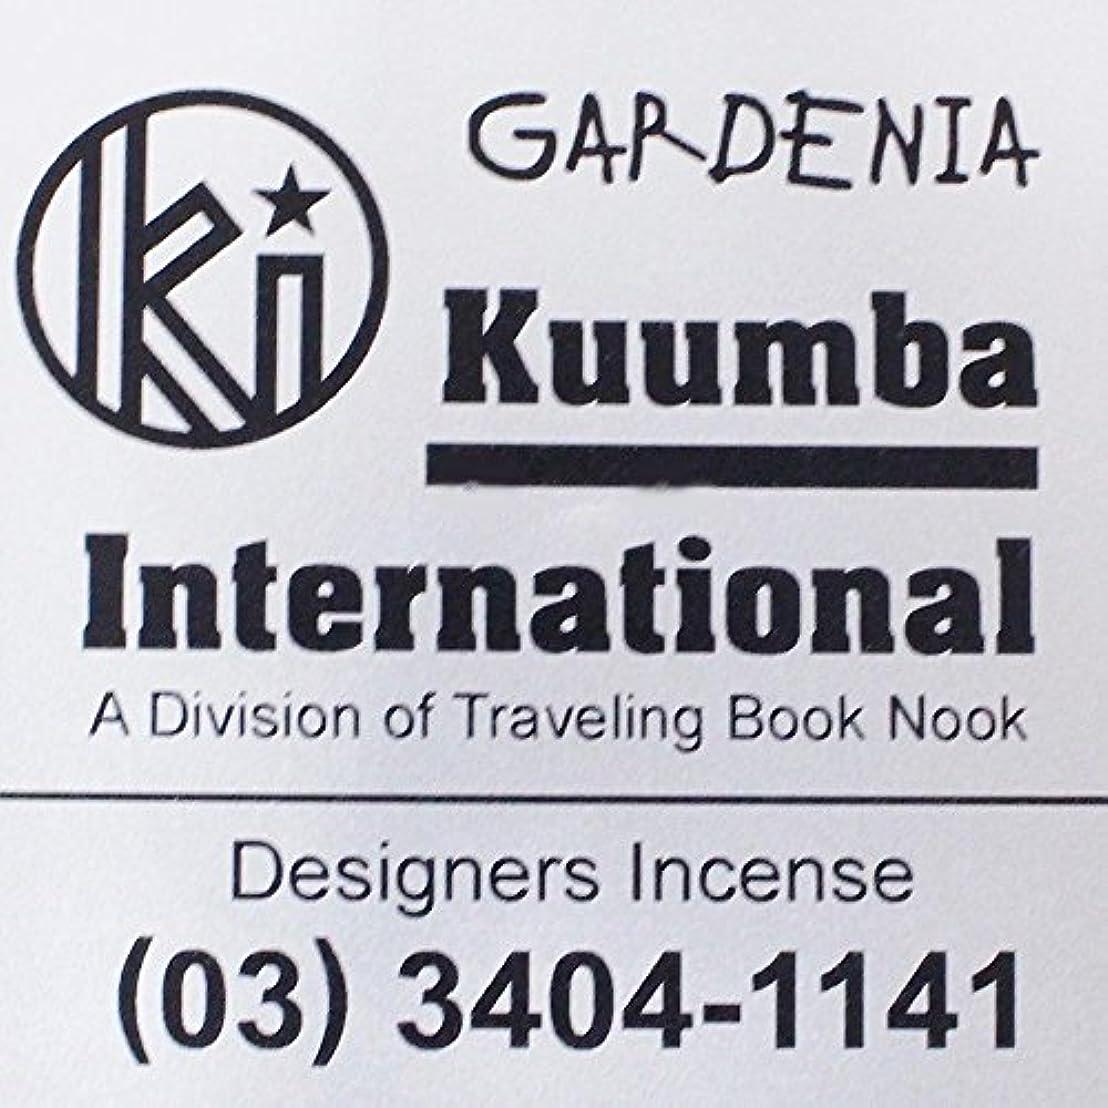 献身保存する実験をする(クンバ) KUUMBA『incense』(GARDENIA) (Regular size)